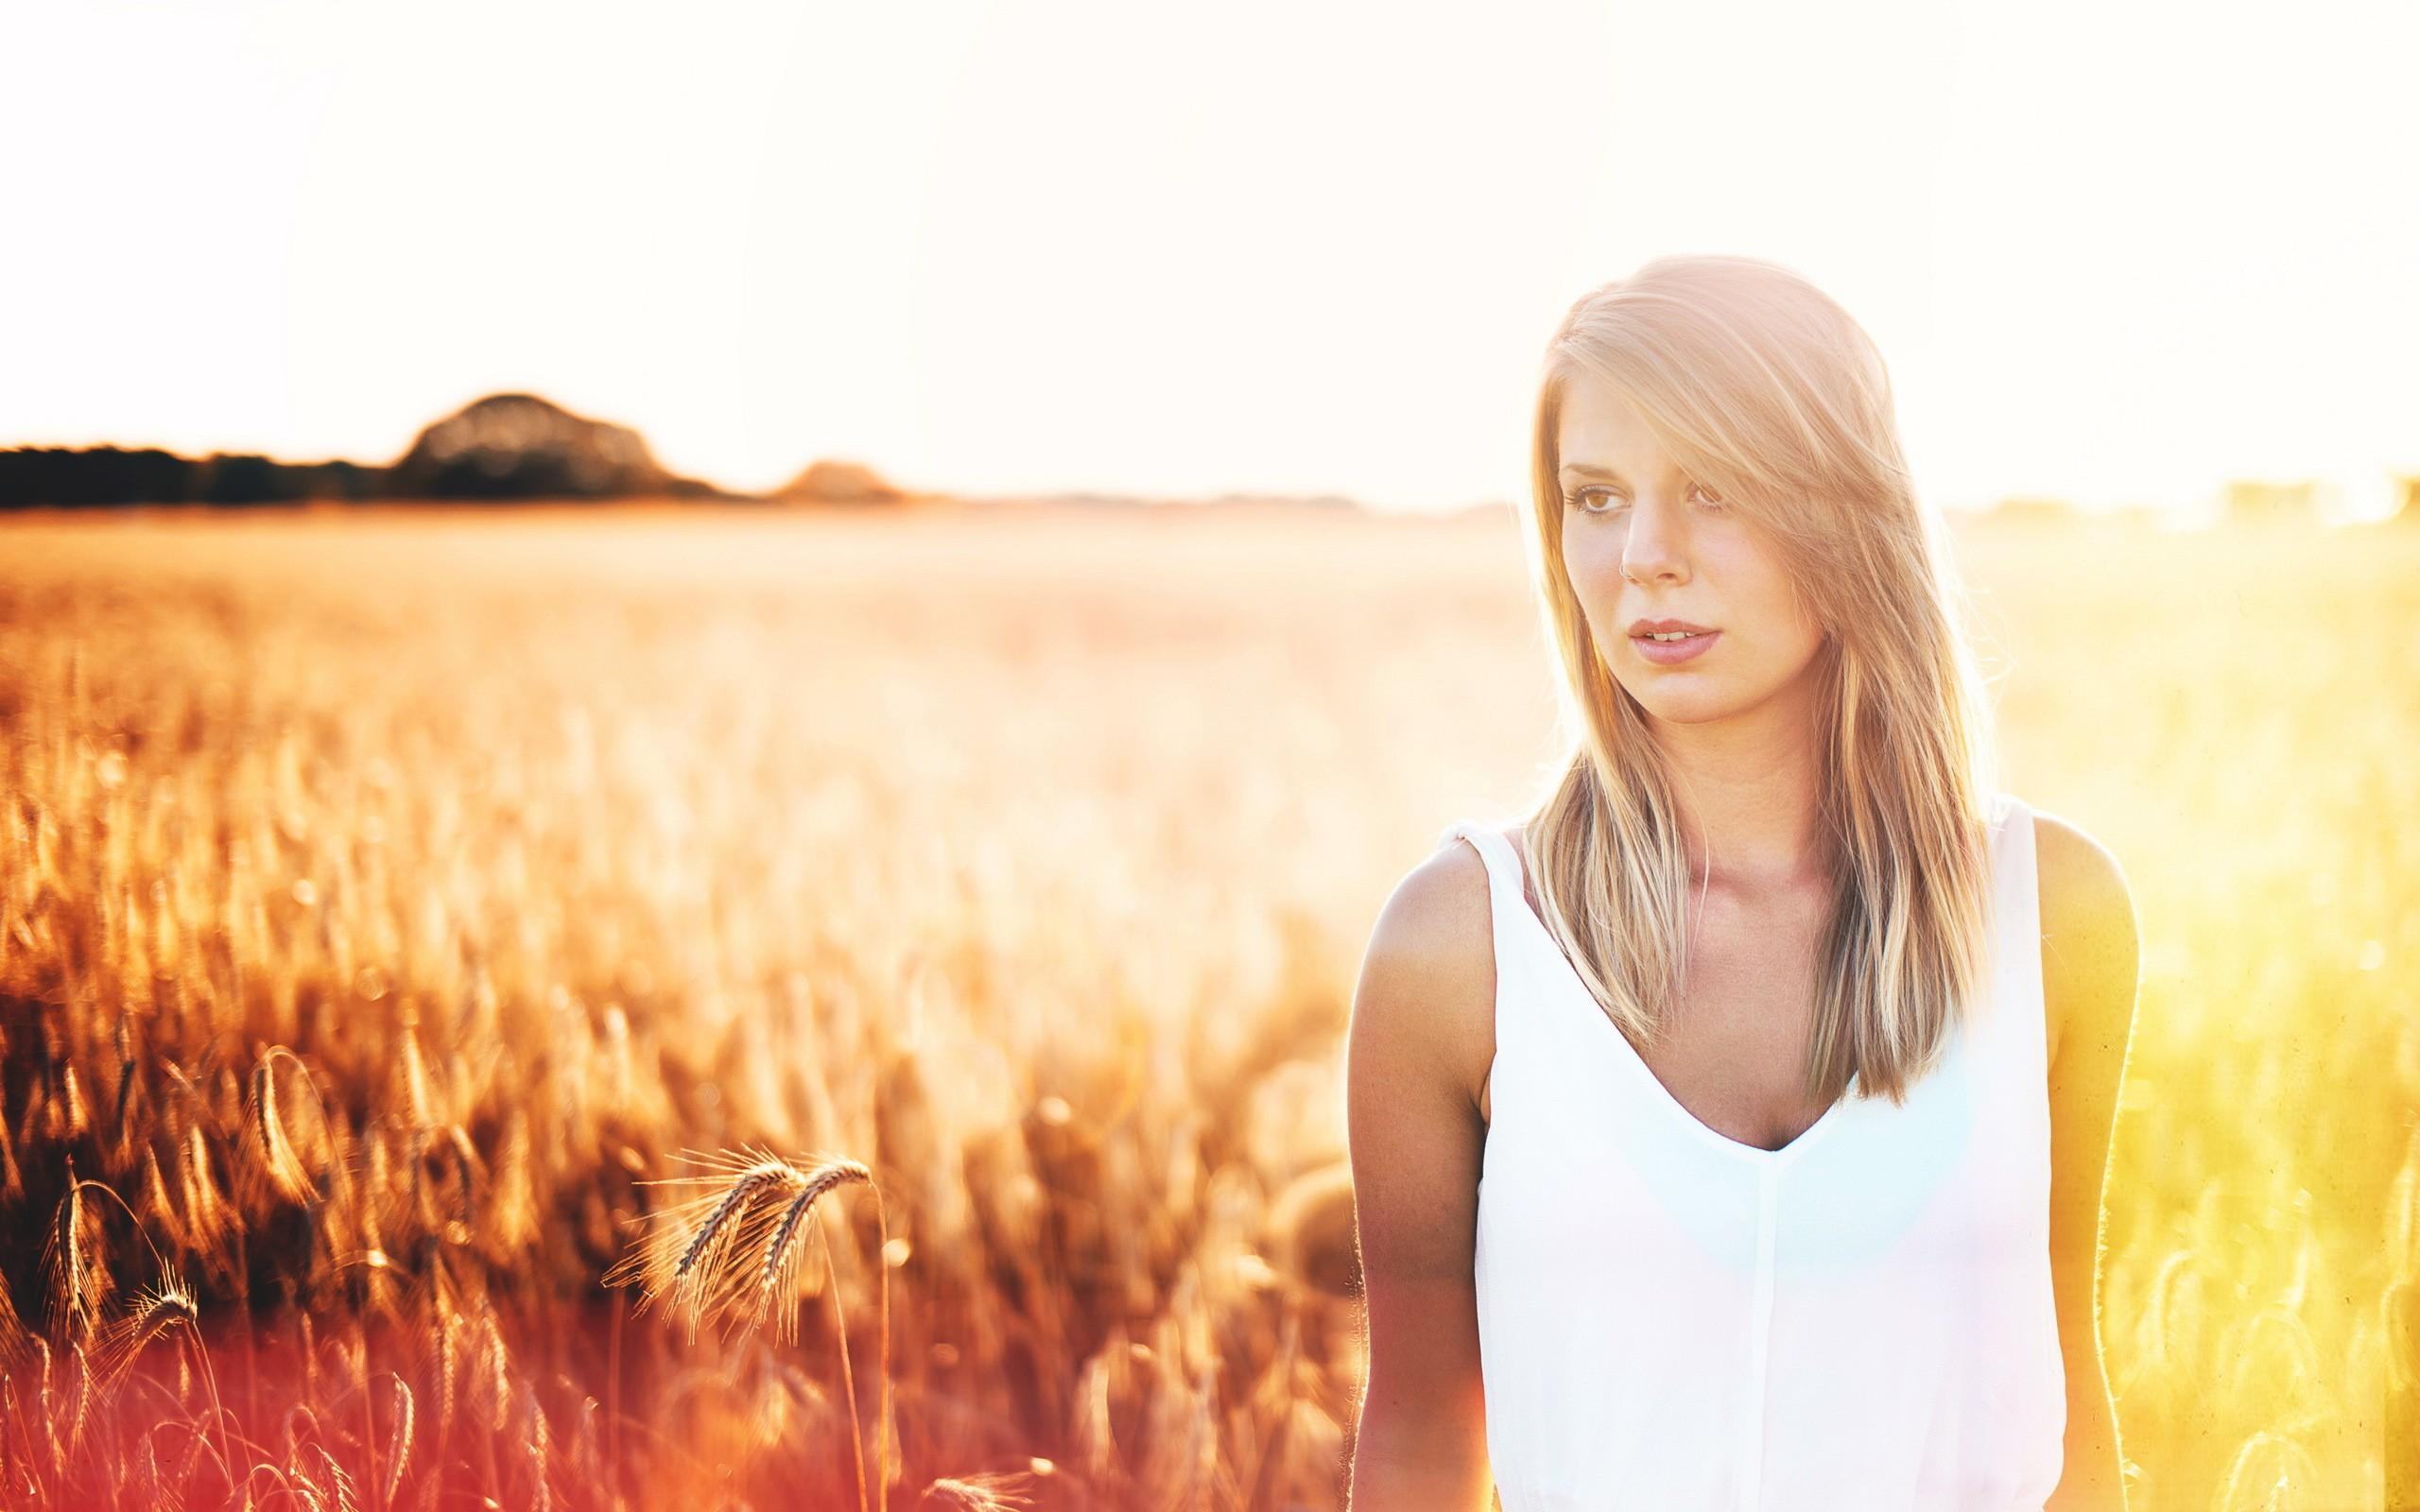 Девушка в поле волосы скачать